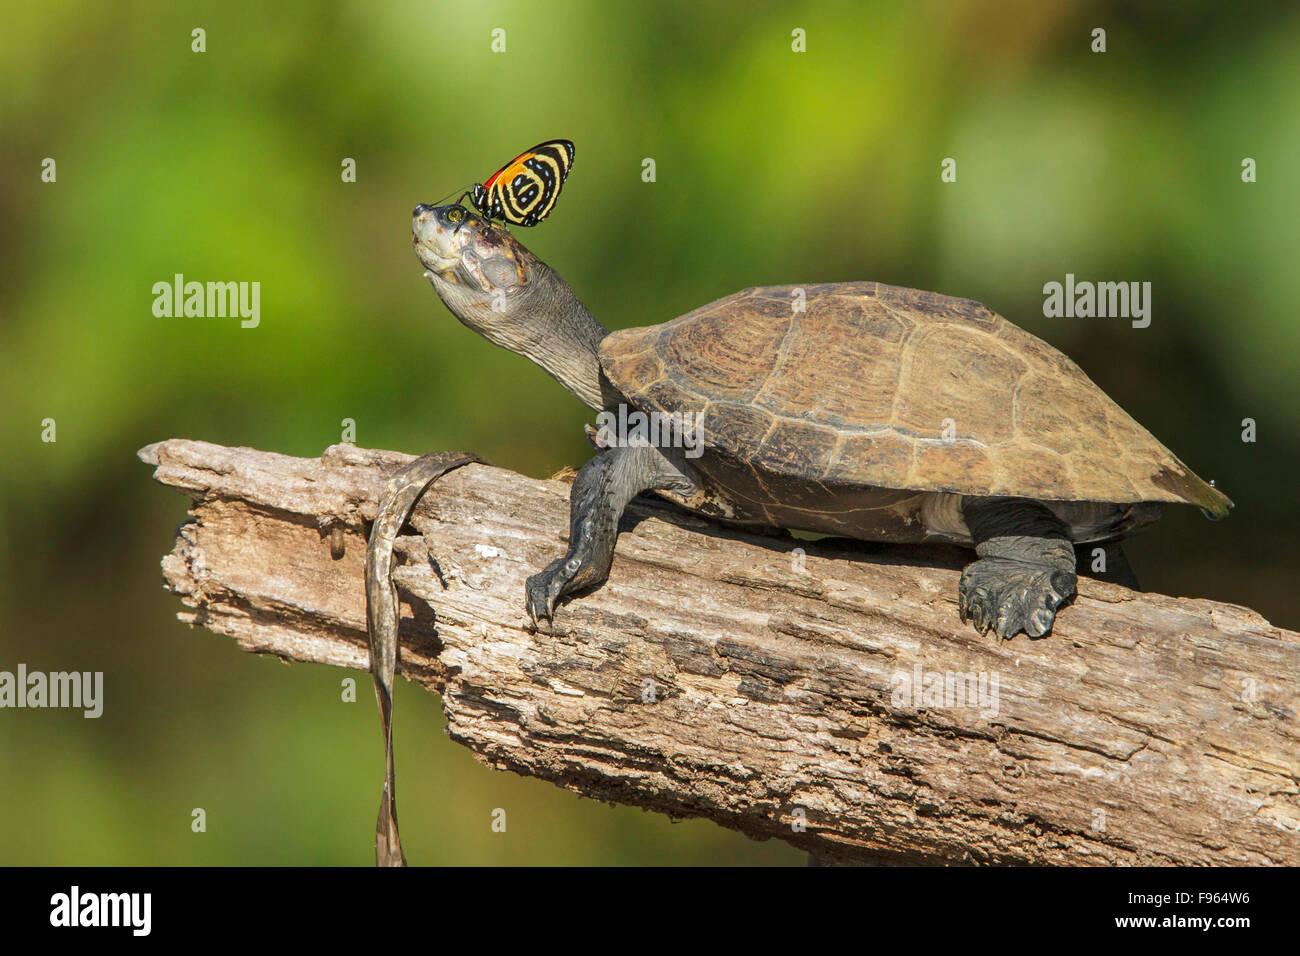 Una tortuga con una mariposa en la nariz en el Parque Nacional Manu, Perú. Imagen De Stock